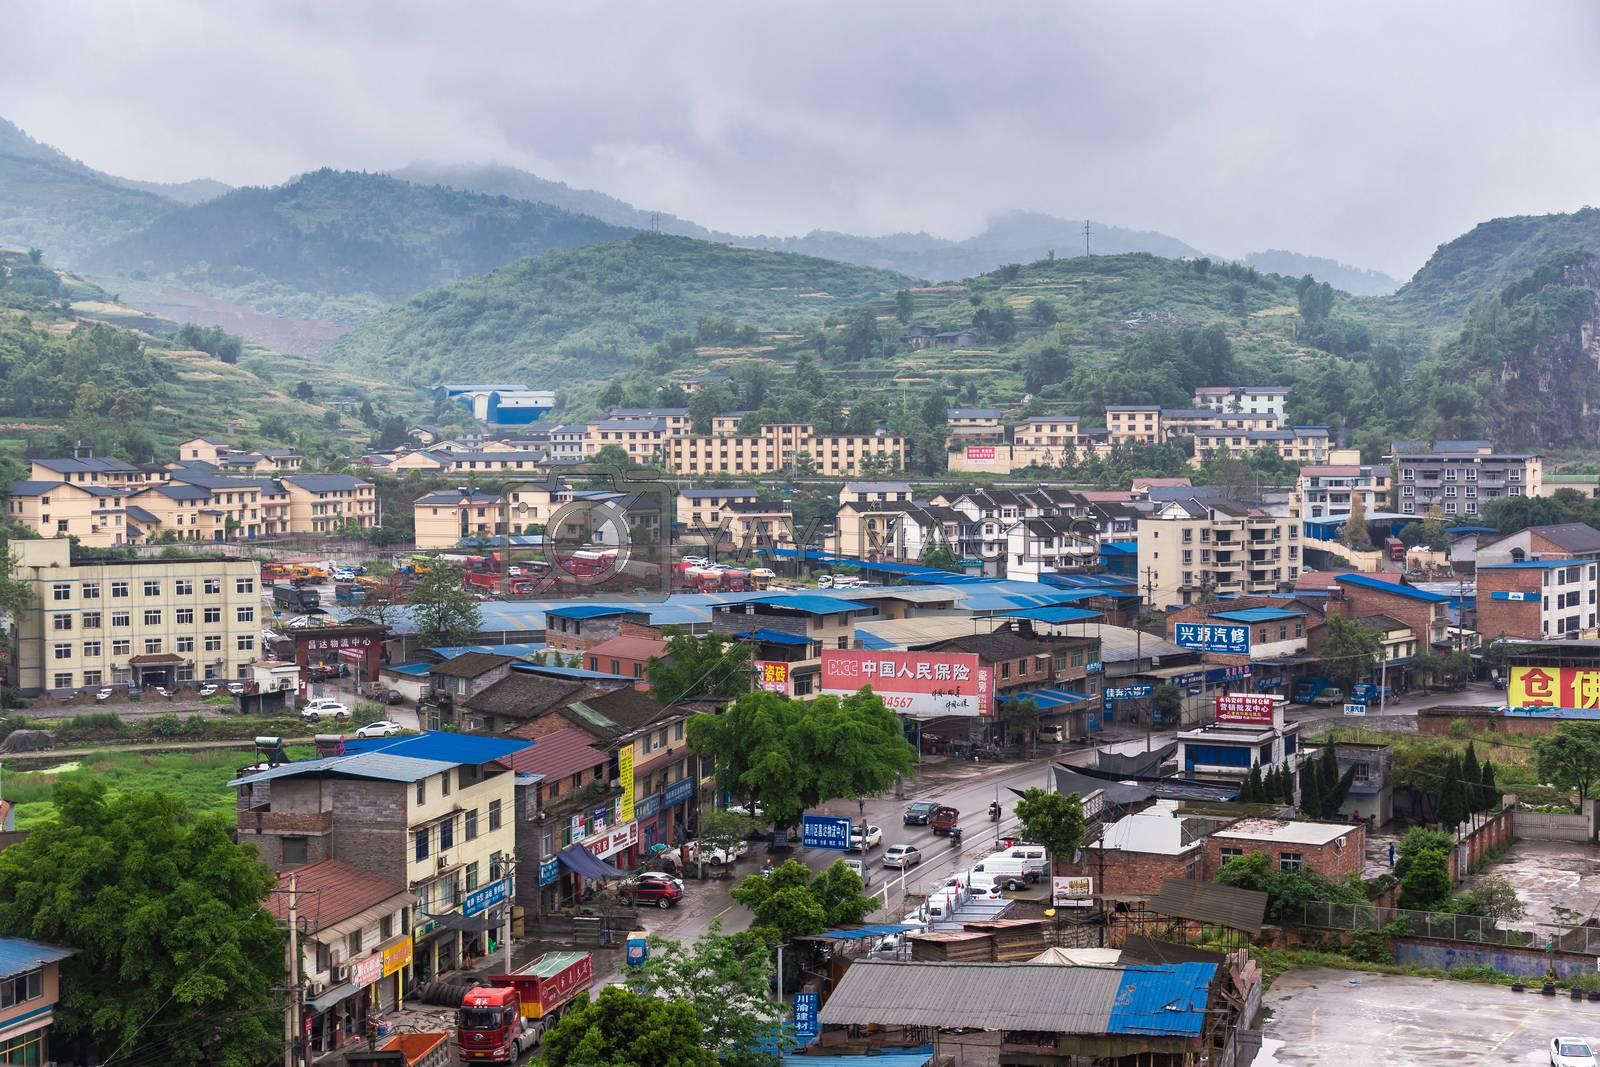 Beautiful view of country side from Wulong in Chongqing, China.